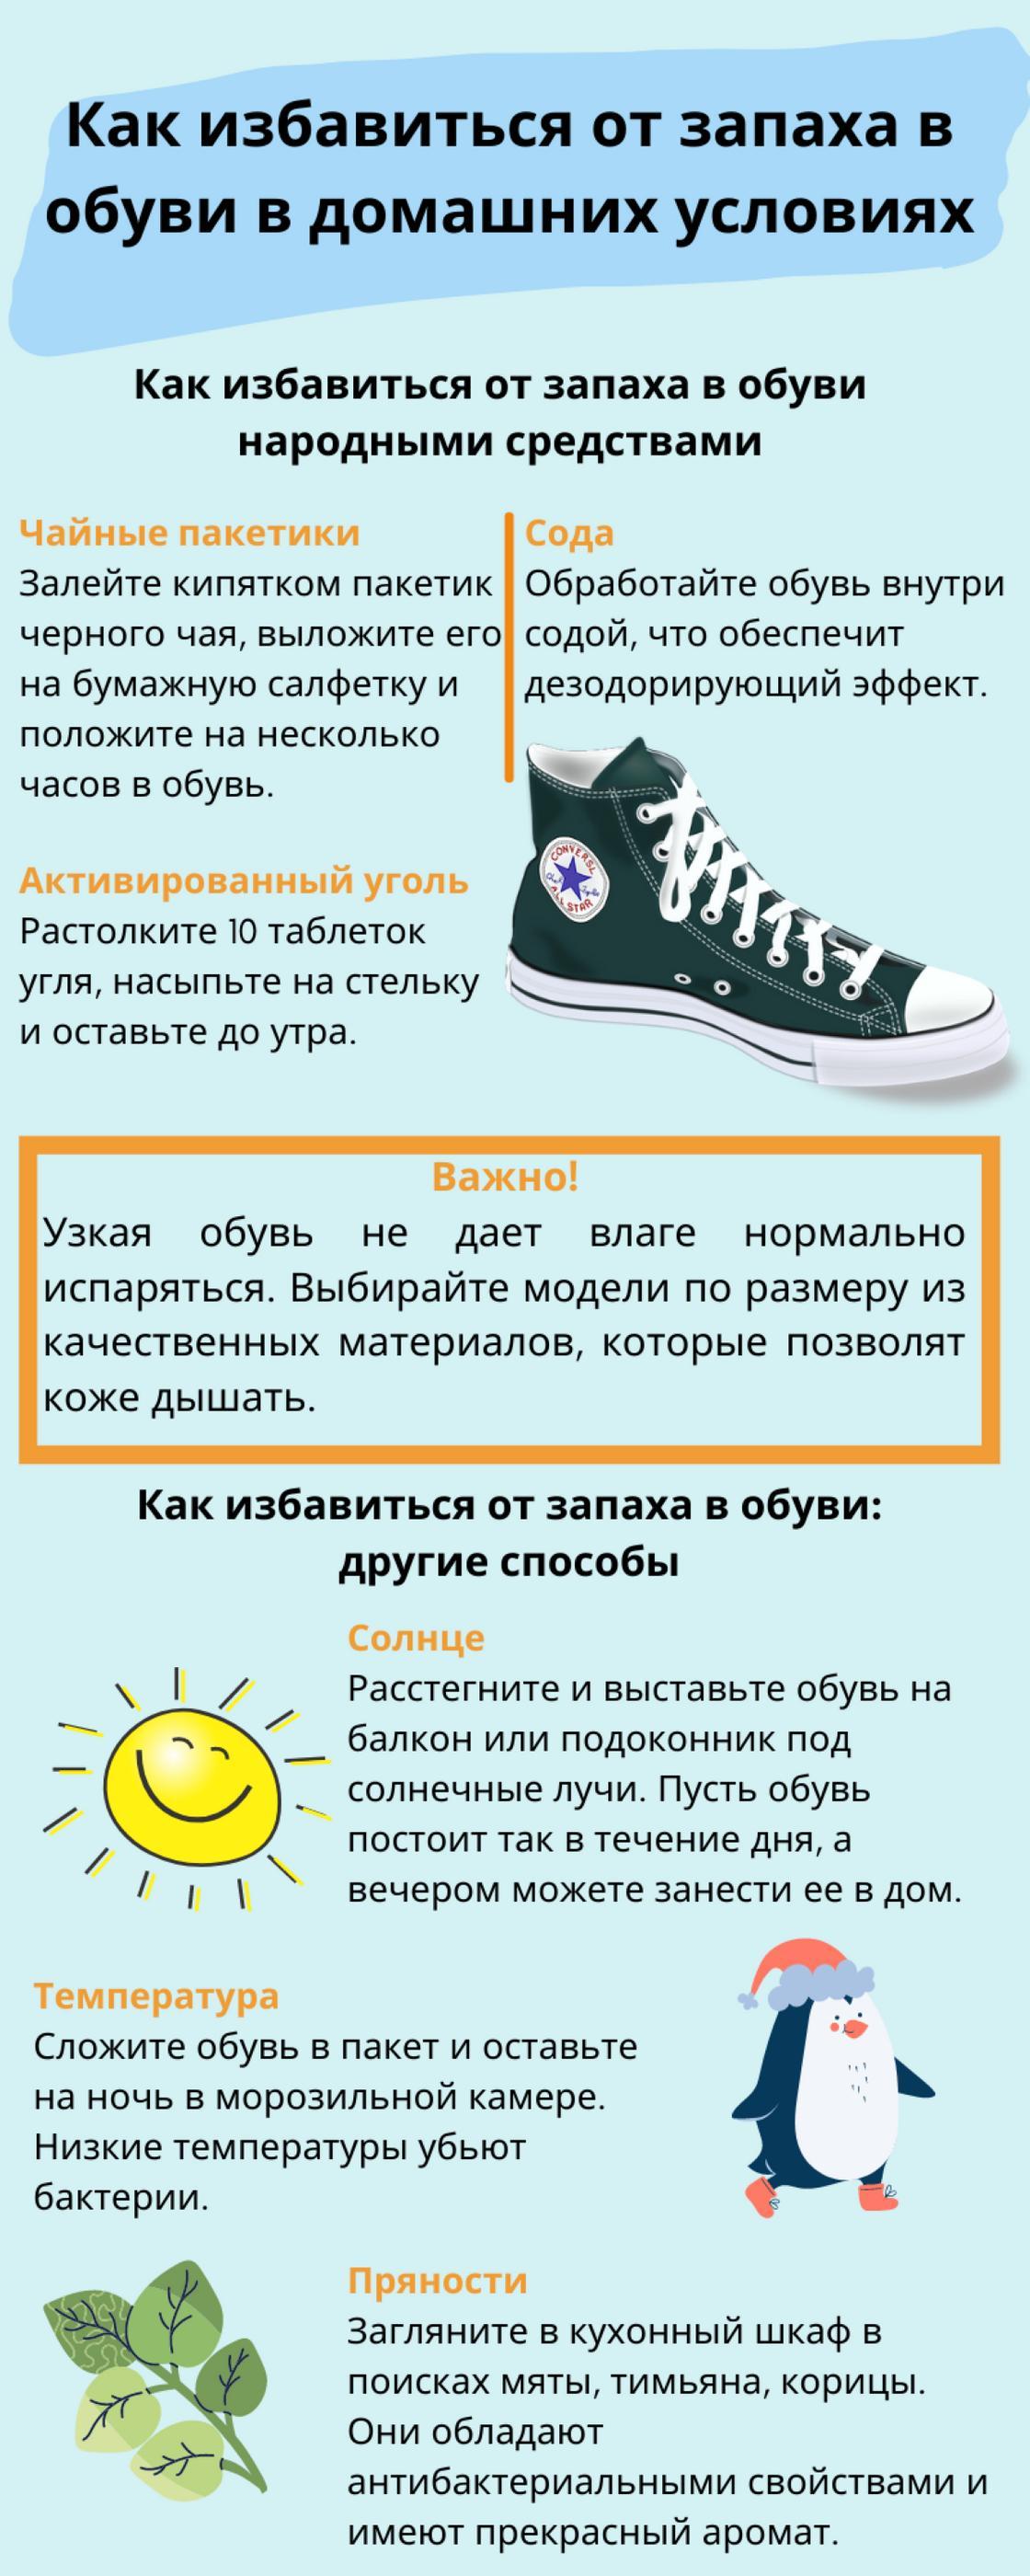 Как избавиться от запаха в обуви. Инфографика